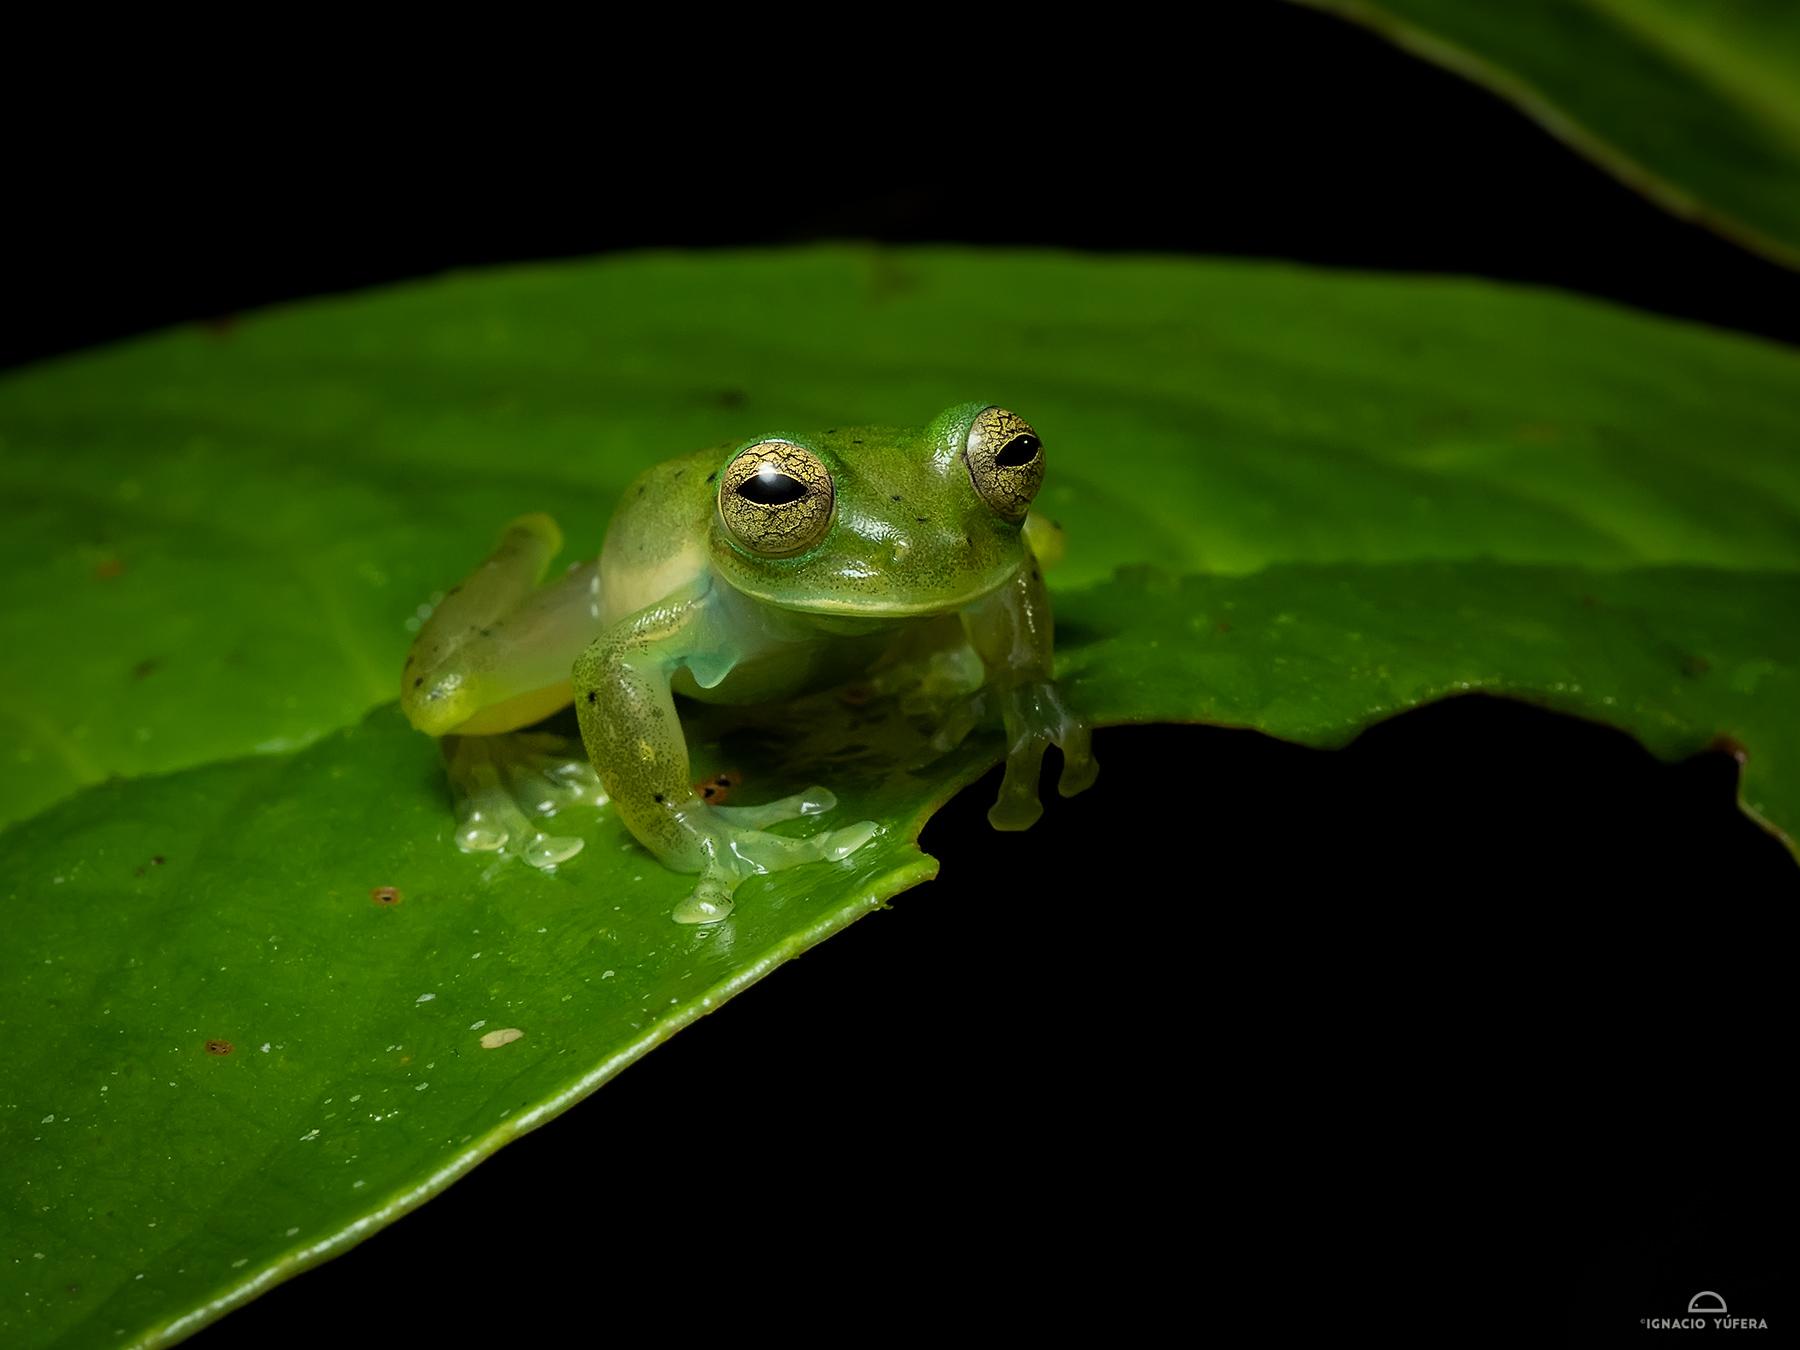 Emerald Glass Frog (Espadarana prosoblepon), Fortuna, Panama, June